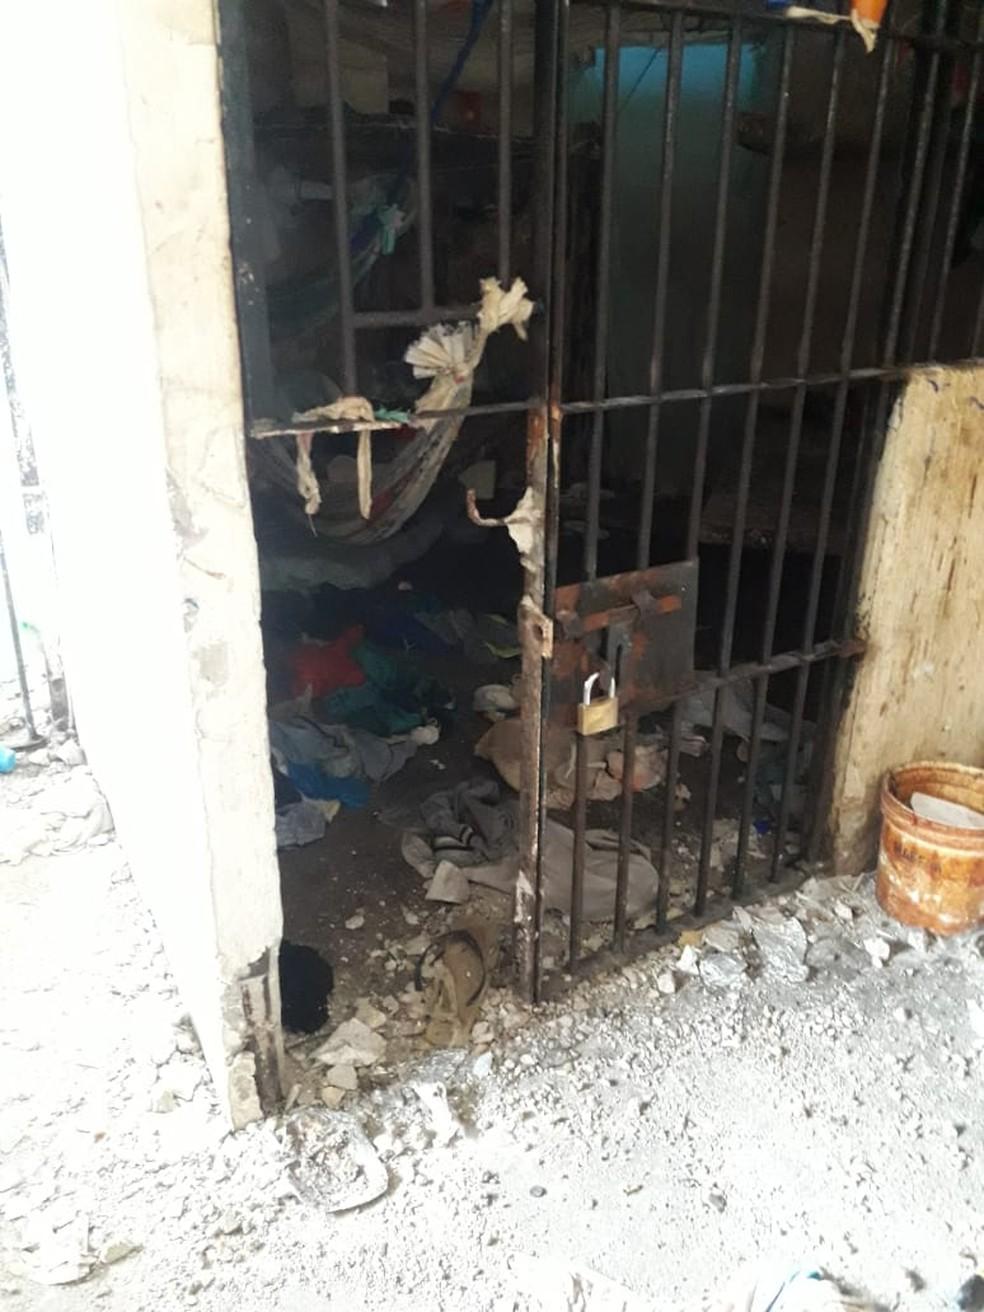 Presos depredam celas em protesto na unidade prisional de Tomé-Açu. — Foto: Divulgação / Susipe